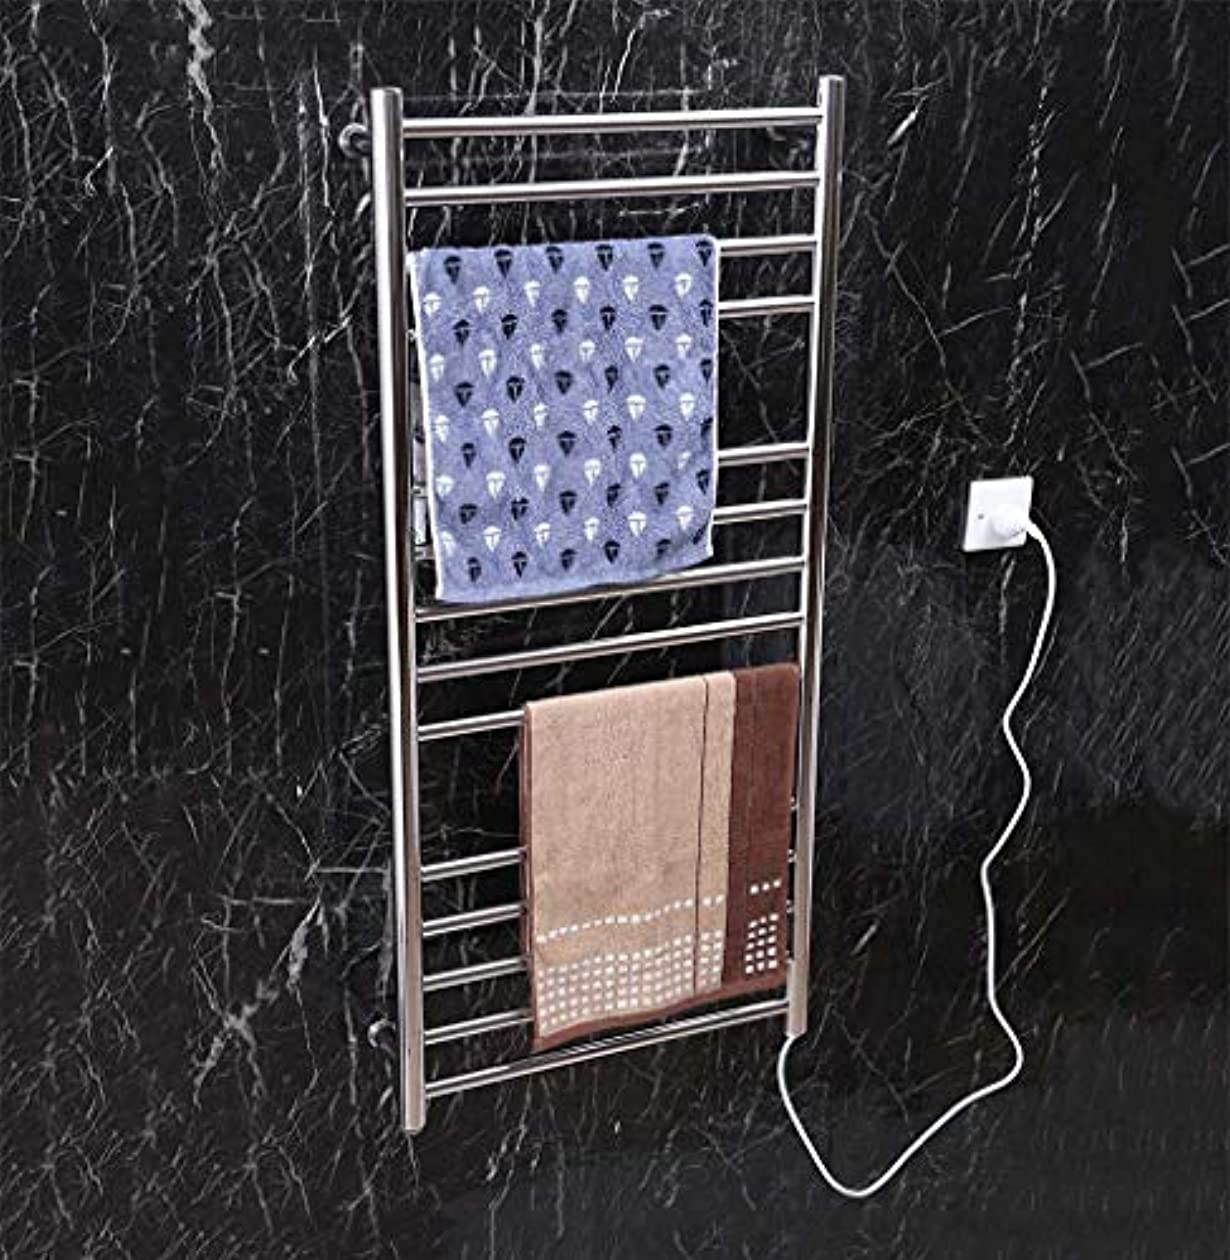 環境保護主義者物語コーチスマート電気タオルウォーマー、304ステンレススチール壁掛け電気タオルラジエーター、家庭用ホテルのバスルームシェルフ、1100X520X120mm